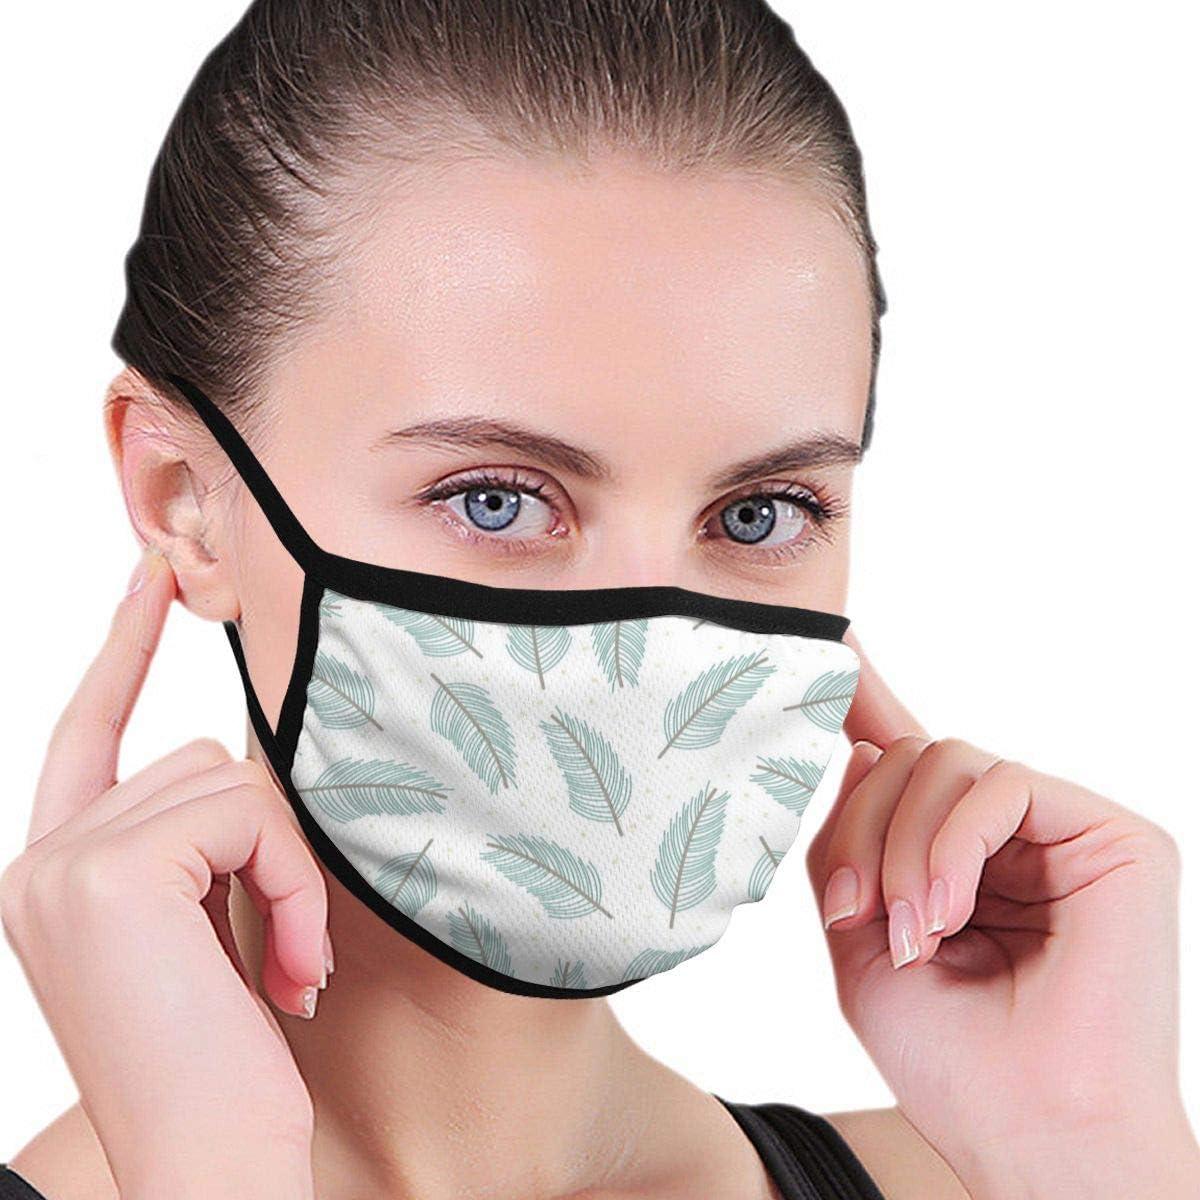 Dataqe - Mascarillas para la Cara de Plumas de Color Verde Claro para protección contra el Polvo, algodón, Lavable, Reutilizable, Universal para Hombres y Mujeres